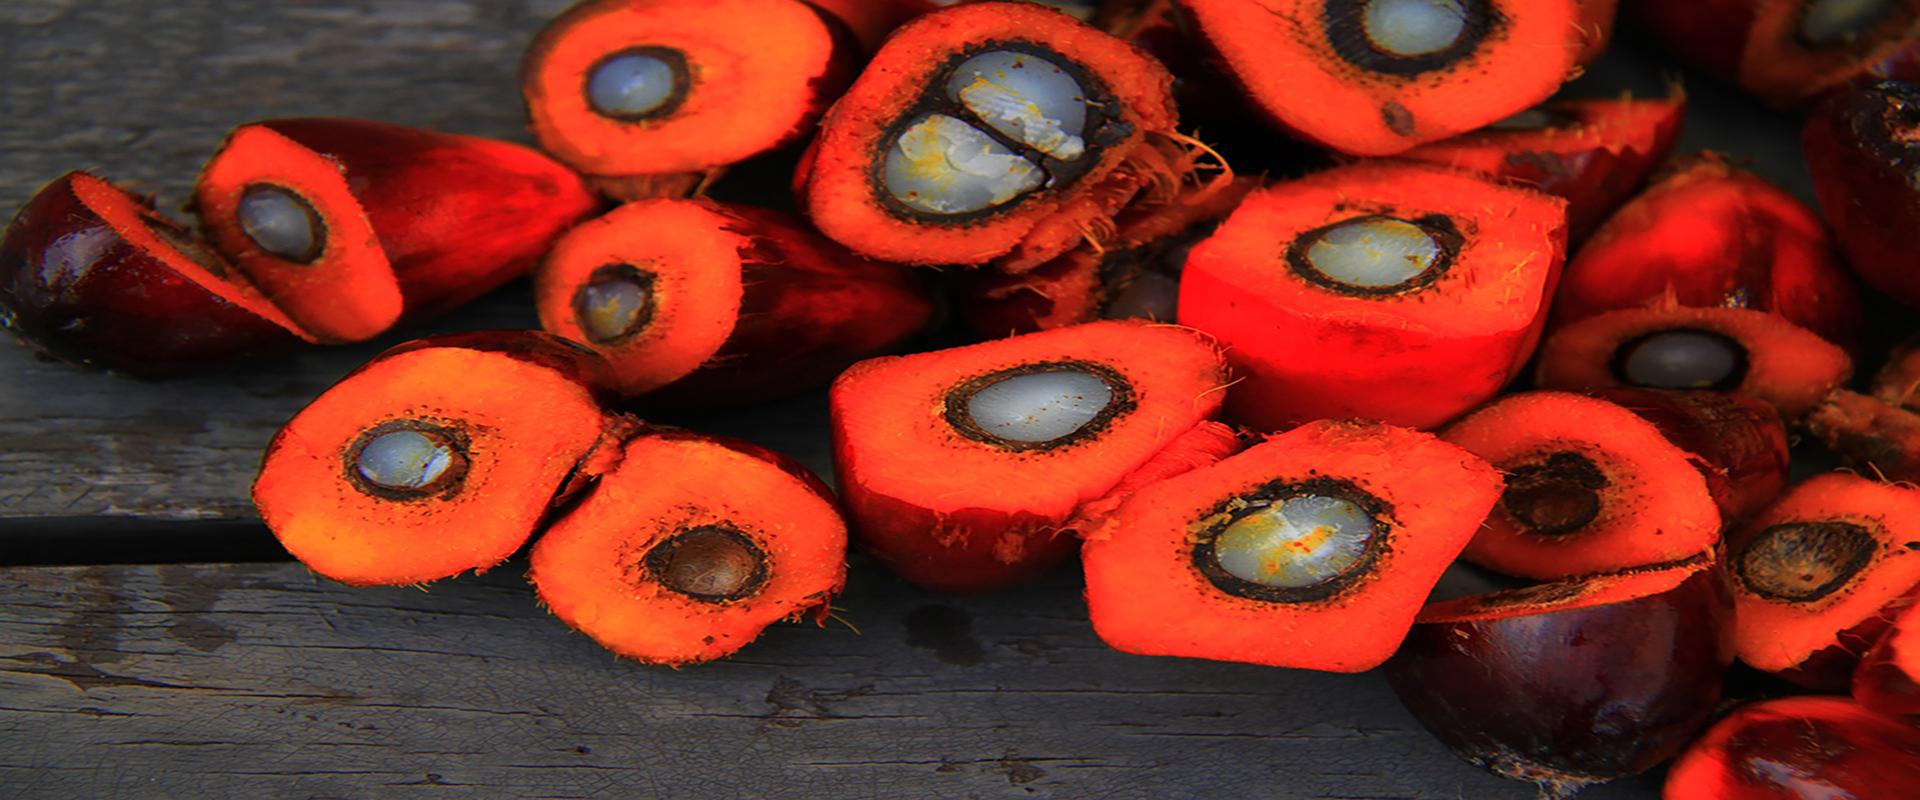 Certyfikacja oleju palmowego, jako najrozsądniejsze rozwiązanie problemów środowiskowych i gospodarczych, związanych z zapotrzebowaniem na rośliny oleiste.